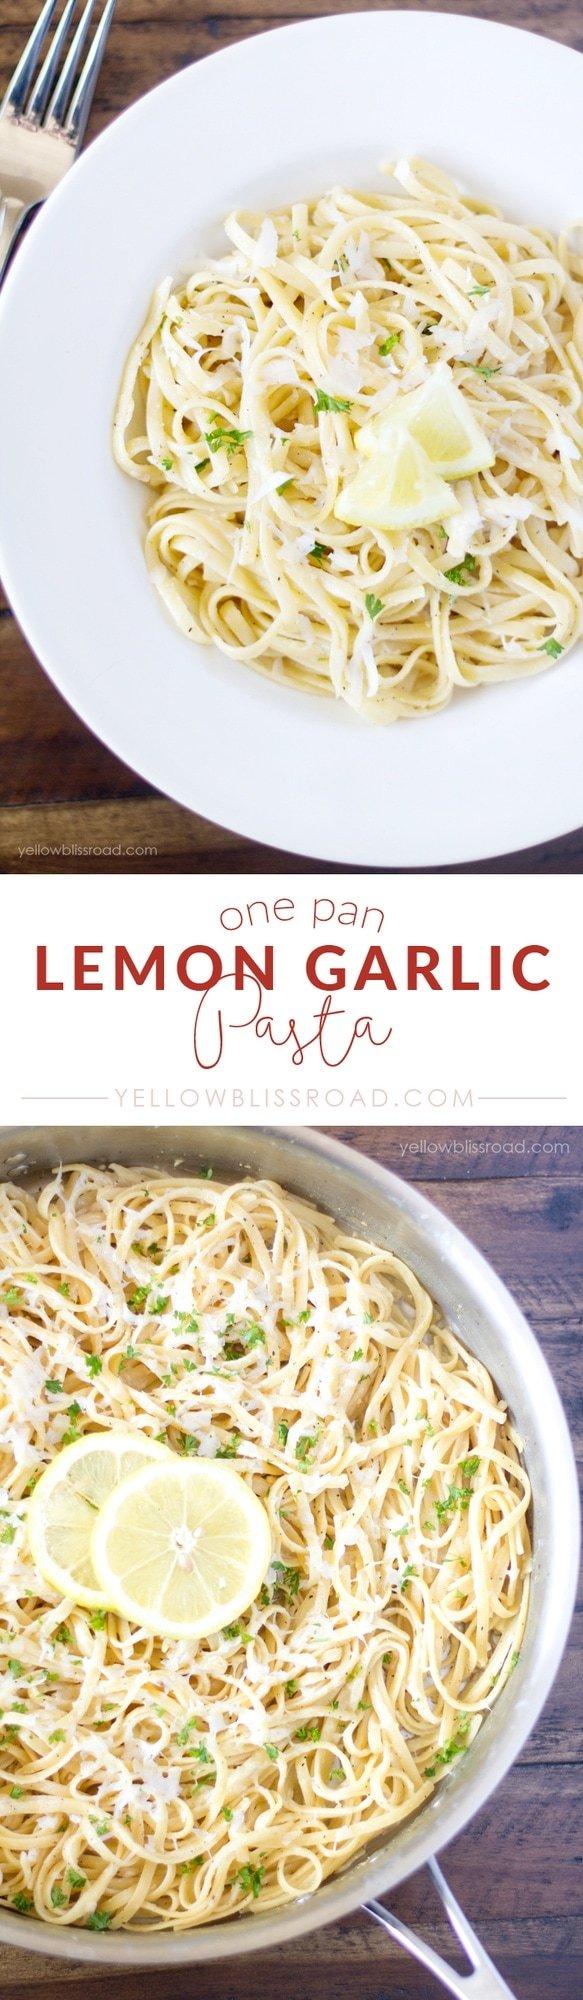 Five Ingredient One Pan Lemon Garlic Pasta